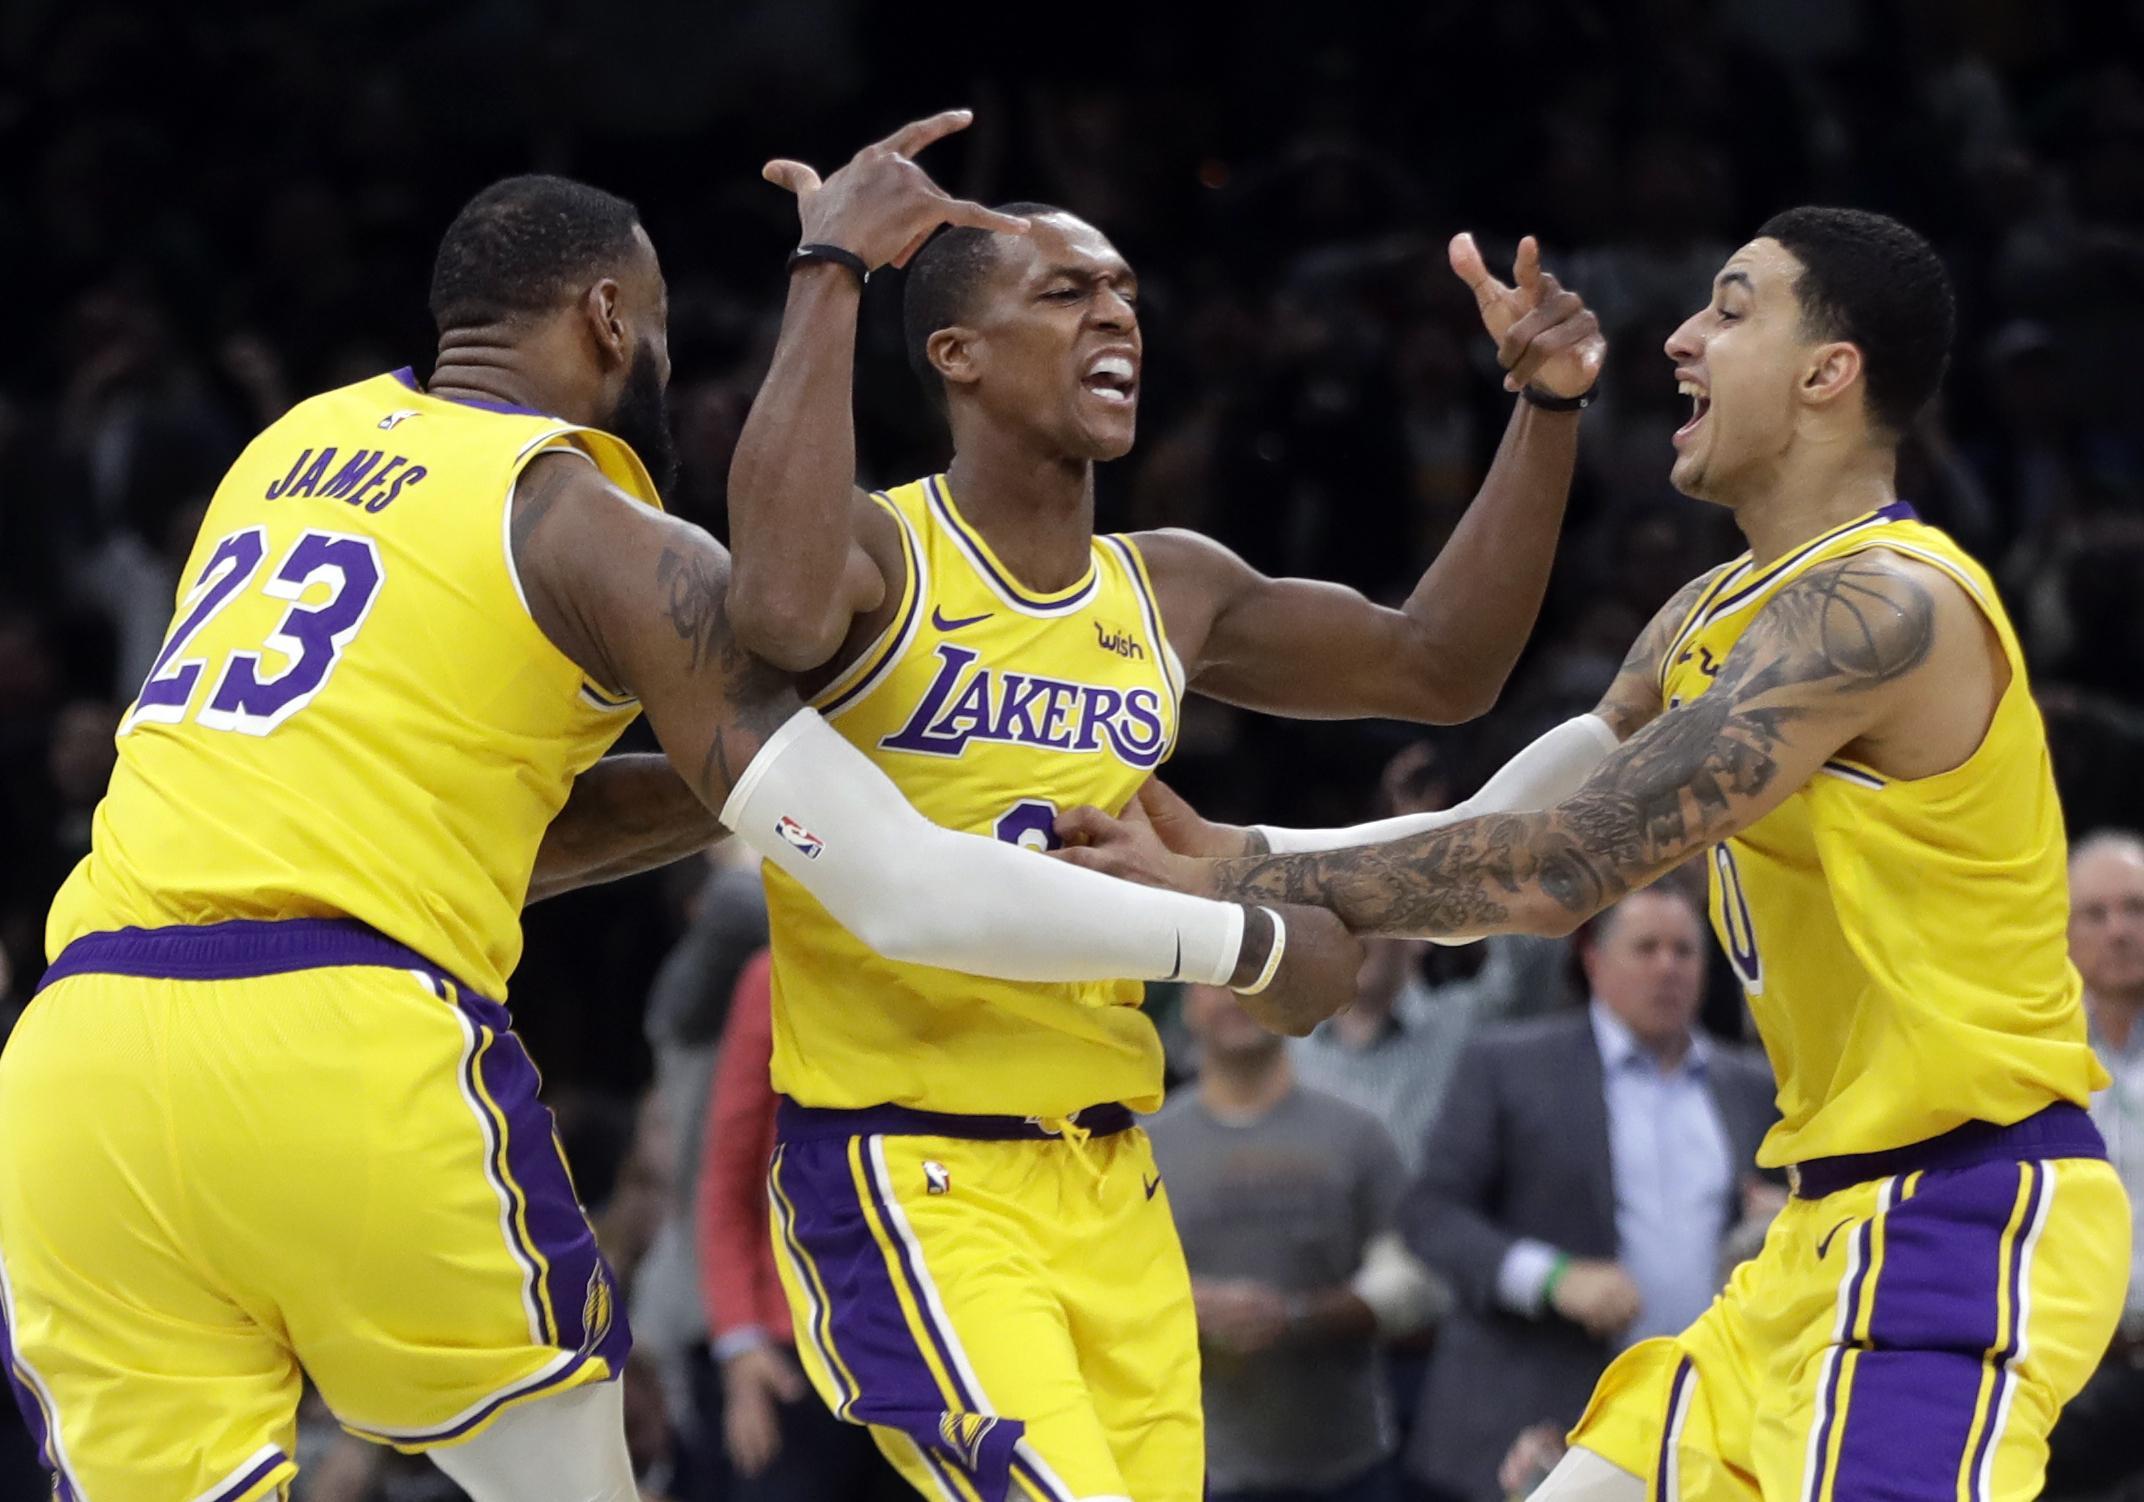 5443c93a494 NBA roundup  Lakers edge Celtics 129-128 on Rajon Rondo s jumper at ...